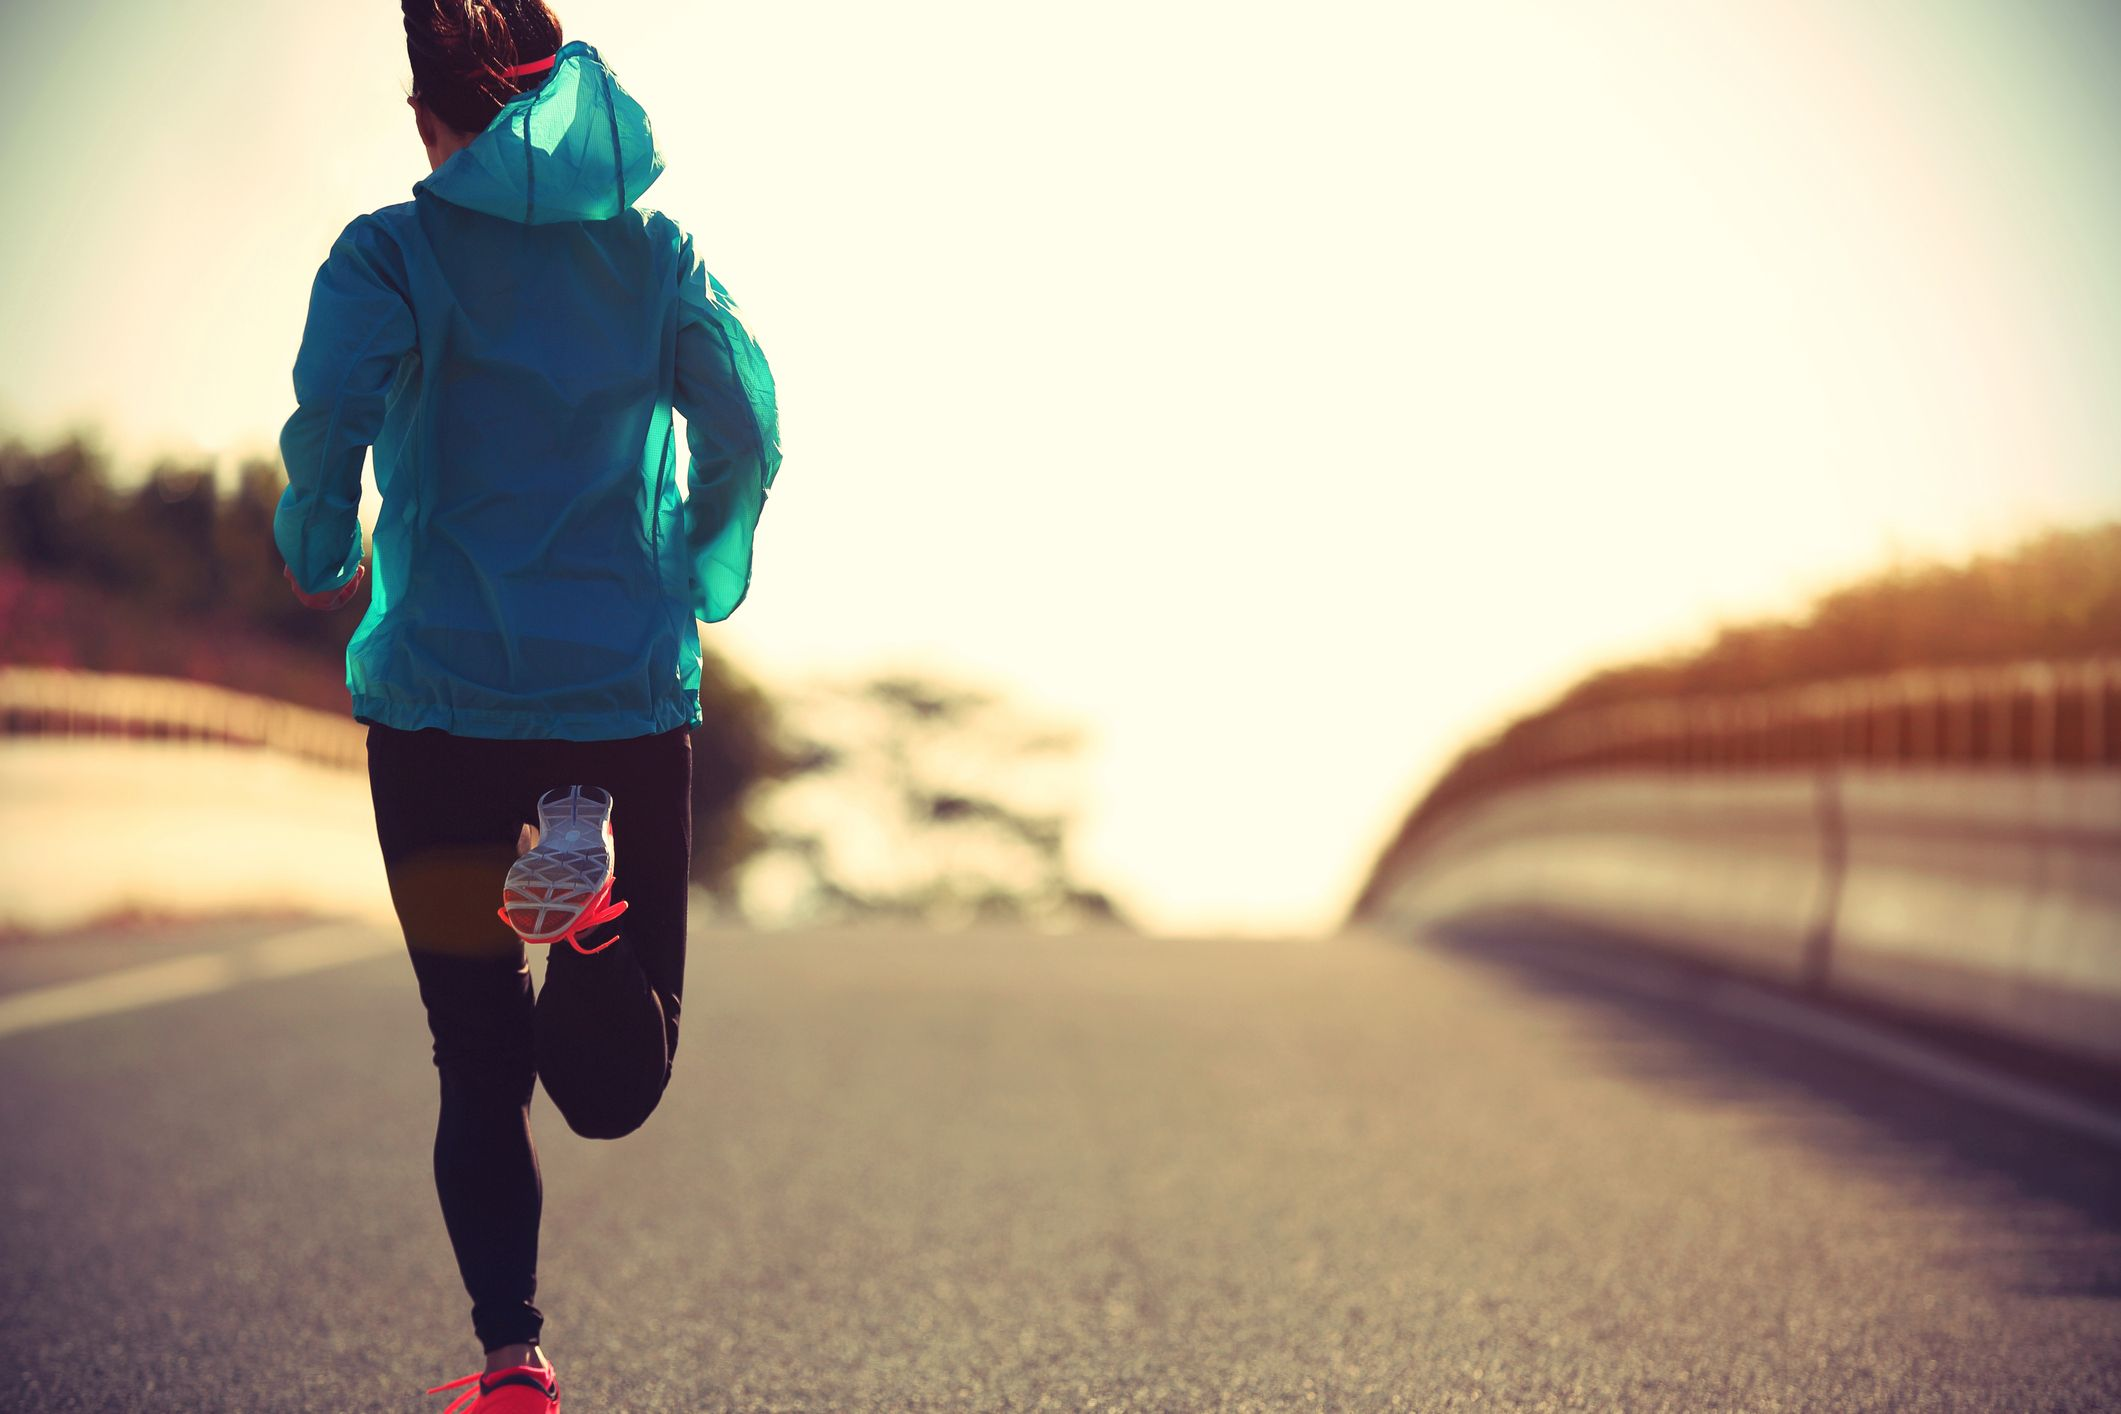 I migliori sport per perdere peso